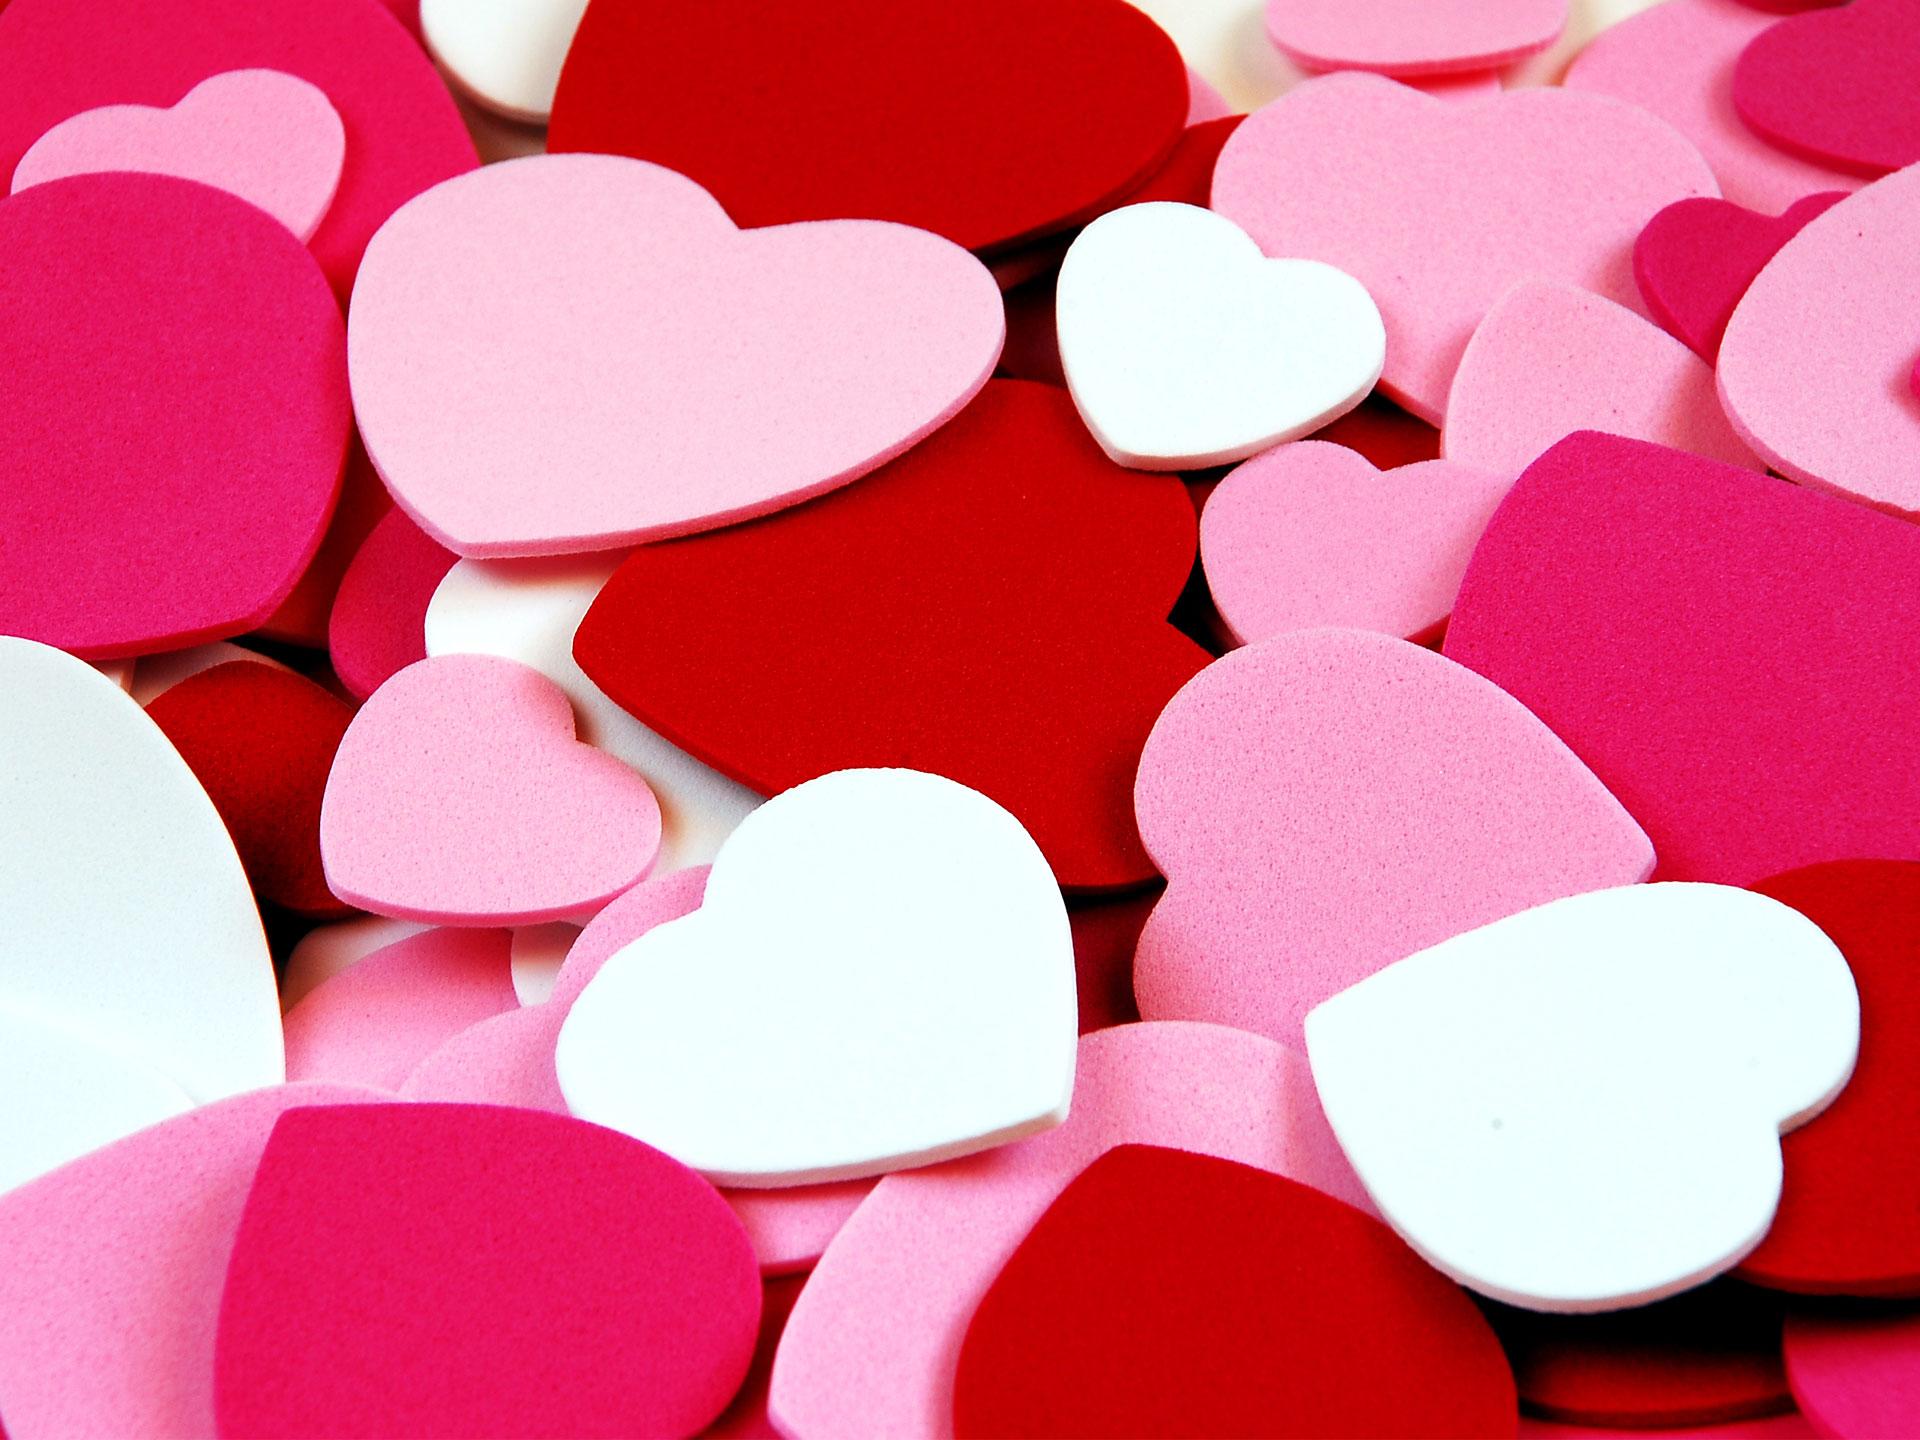 صور قلوب وحب ورومانسية وصورة قلب HD  (10)